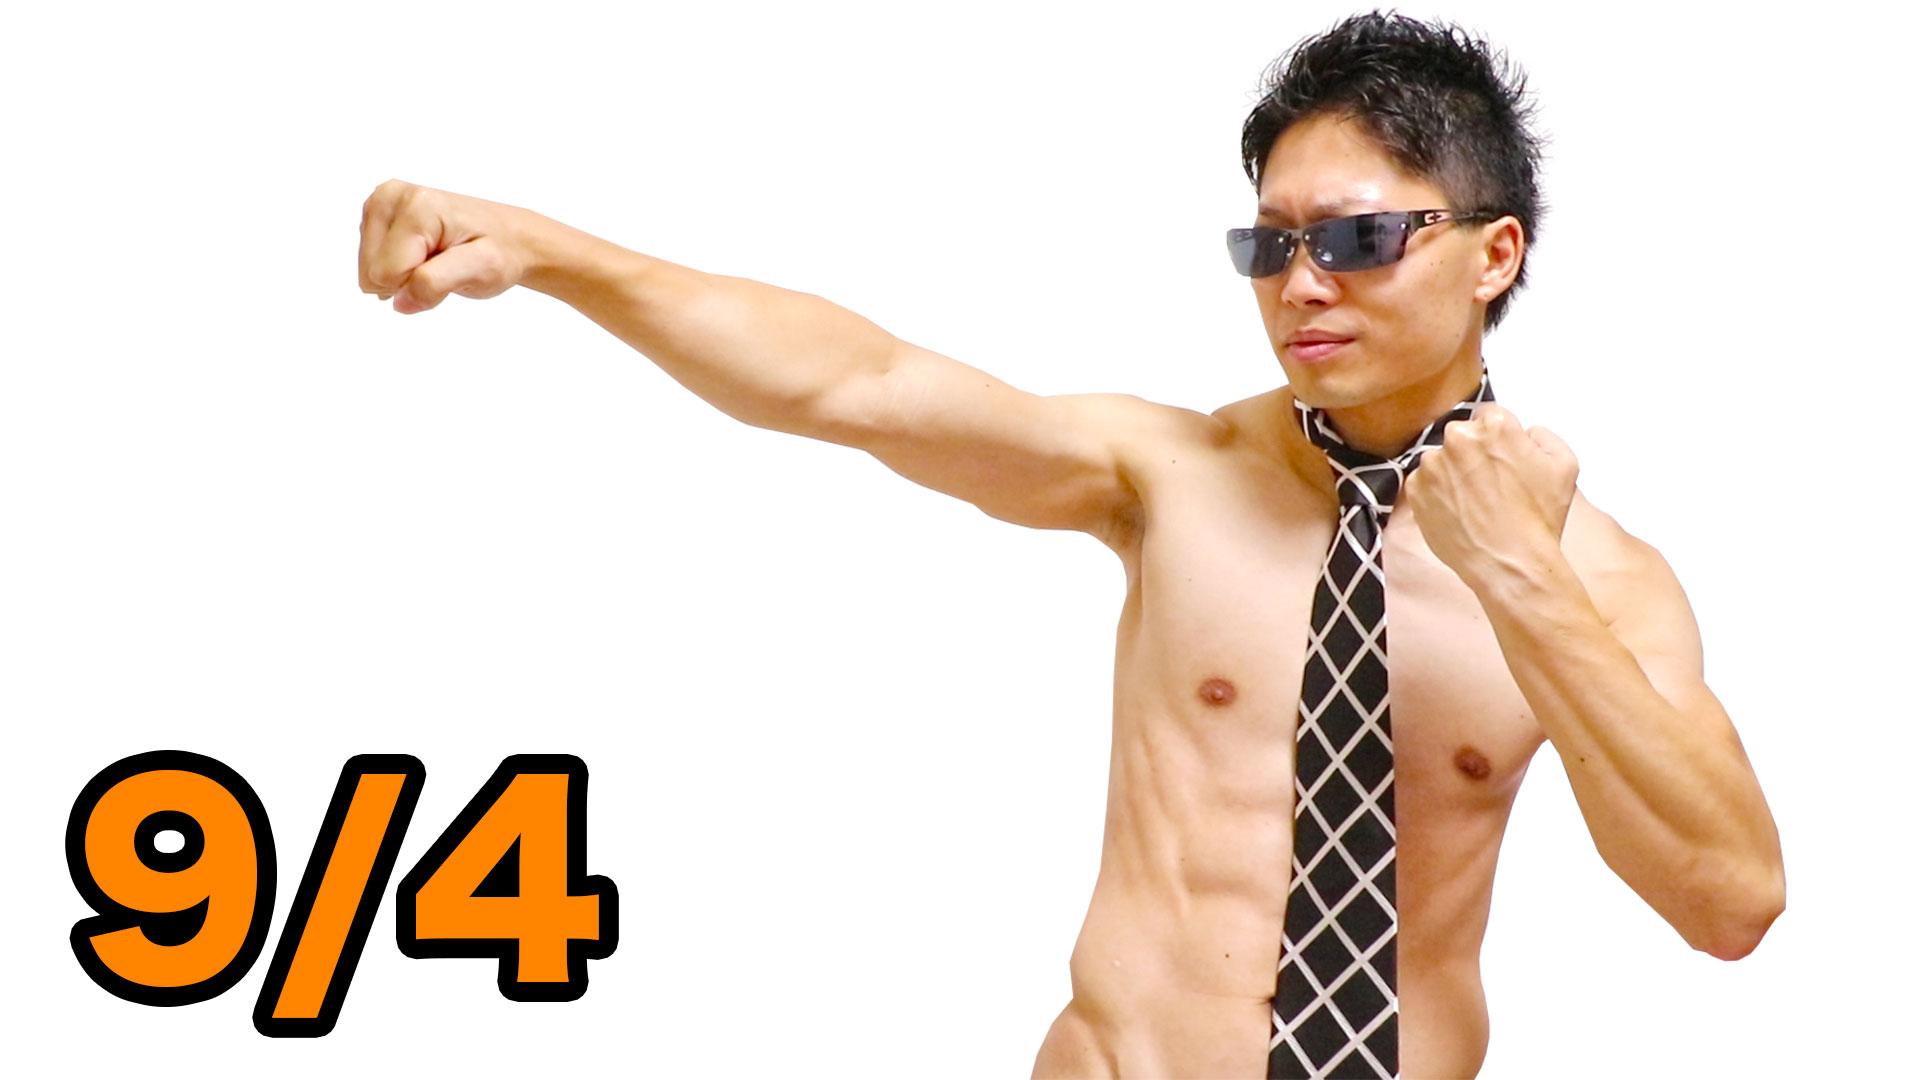 【ハロウィン筋トレ】9/4の腹筋を割る運動メニュー!